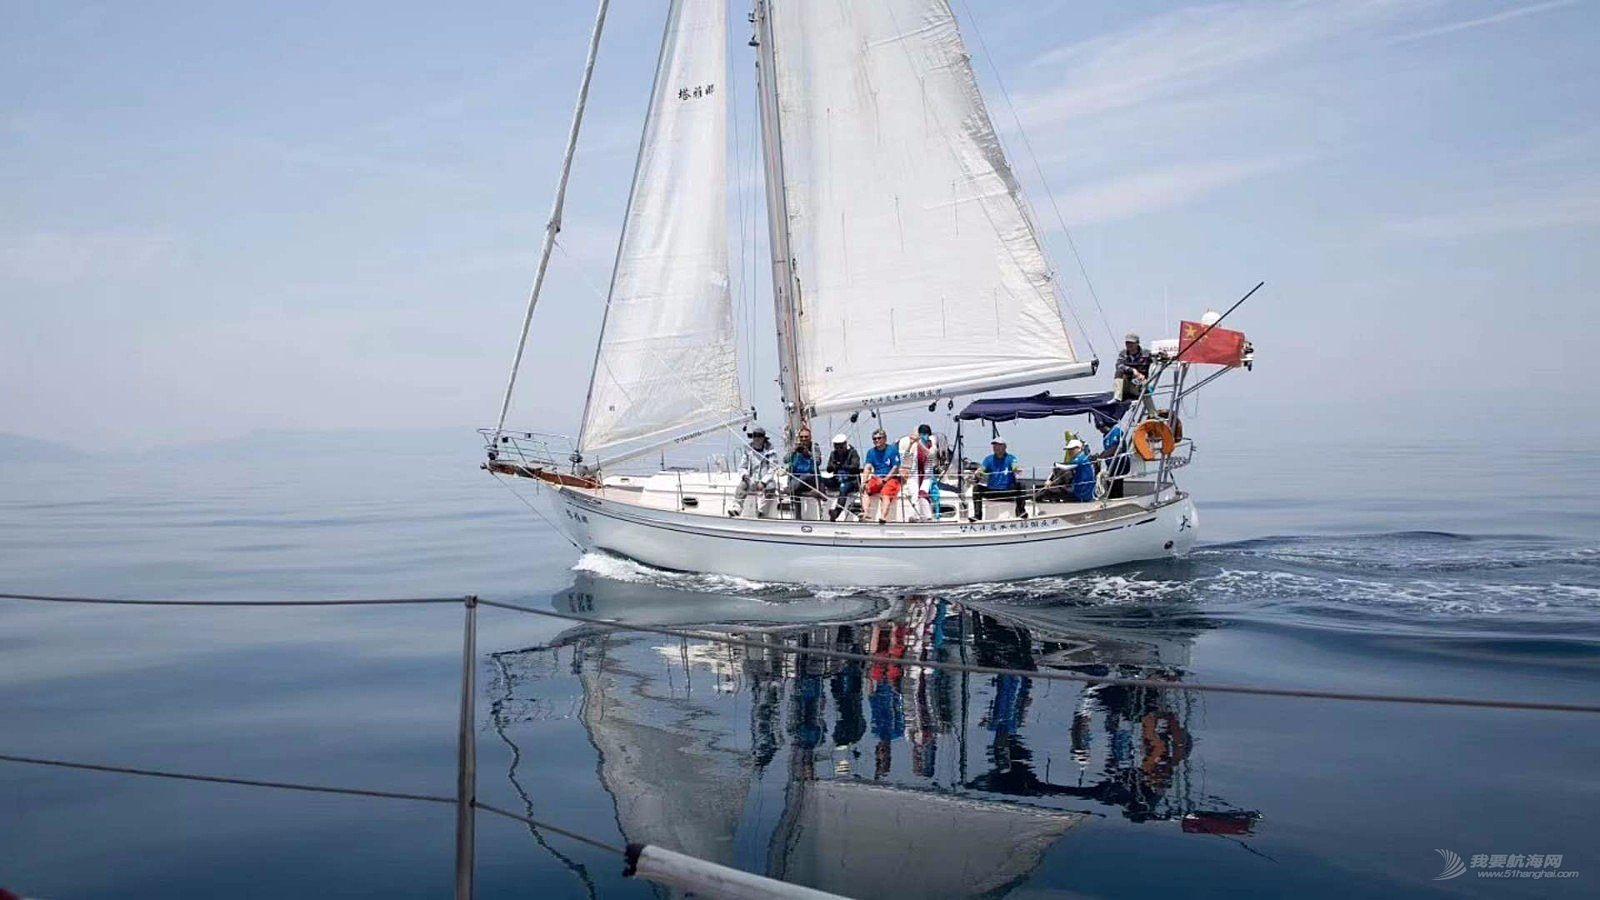 为了心中的诗和远方︱海神帆友中日韩远洋航海分享会圆满落幕